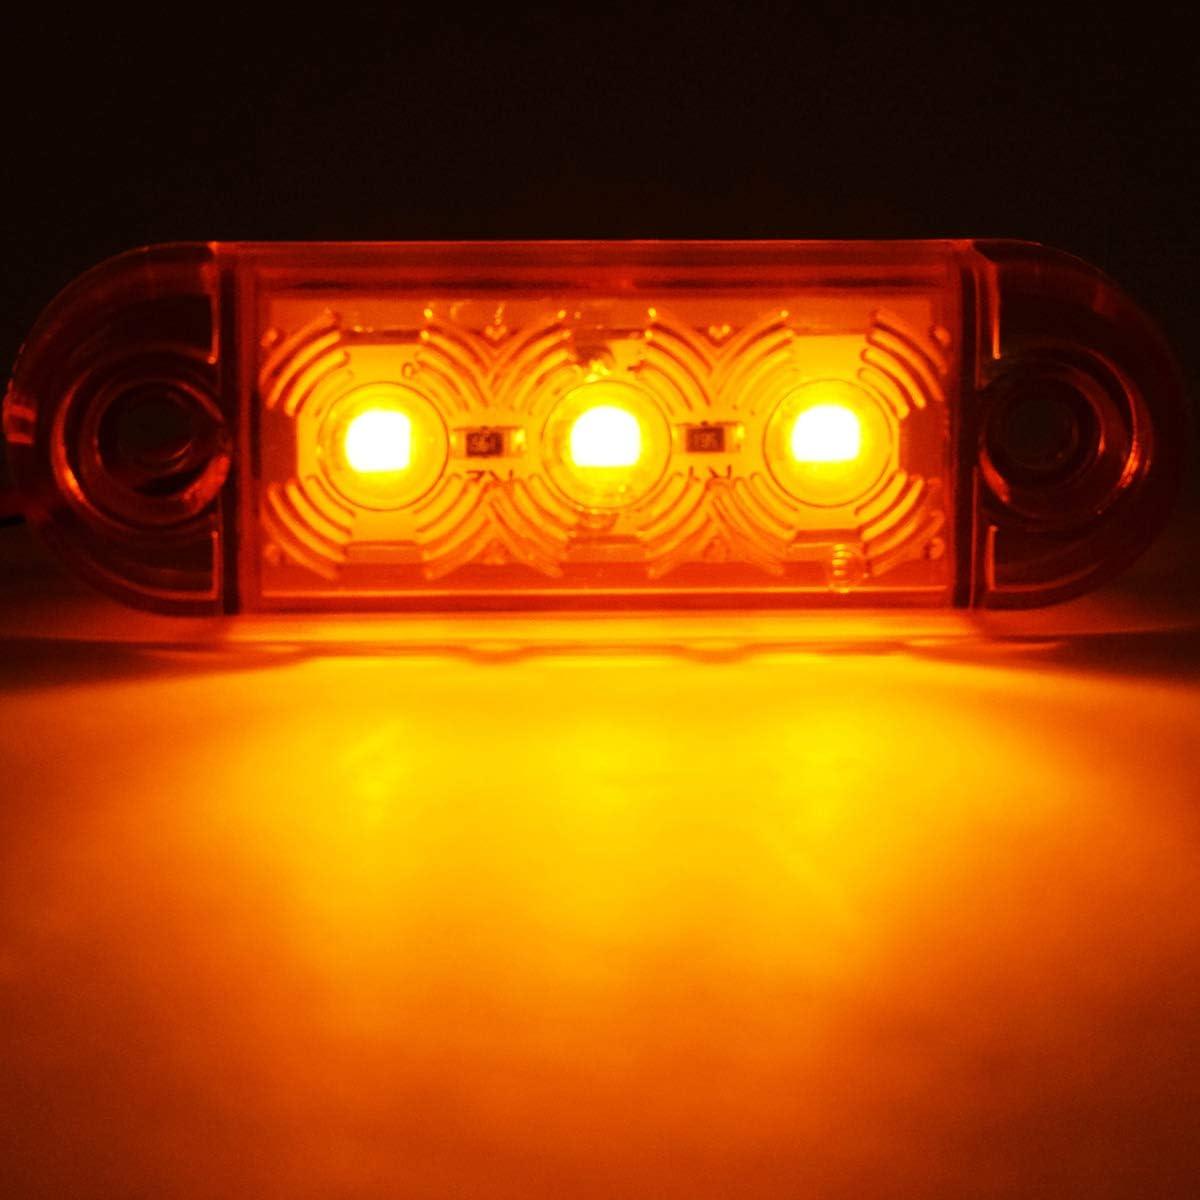 luci anteriori universale indicatore di posizione 12//24/V con arancione lampadine per camion caravan Van camion auto Bus X20/laterali luci lampade a LED